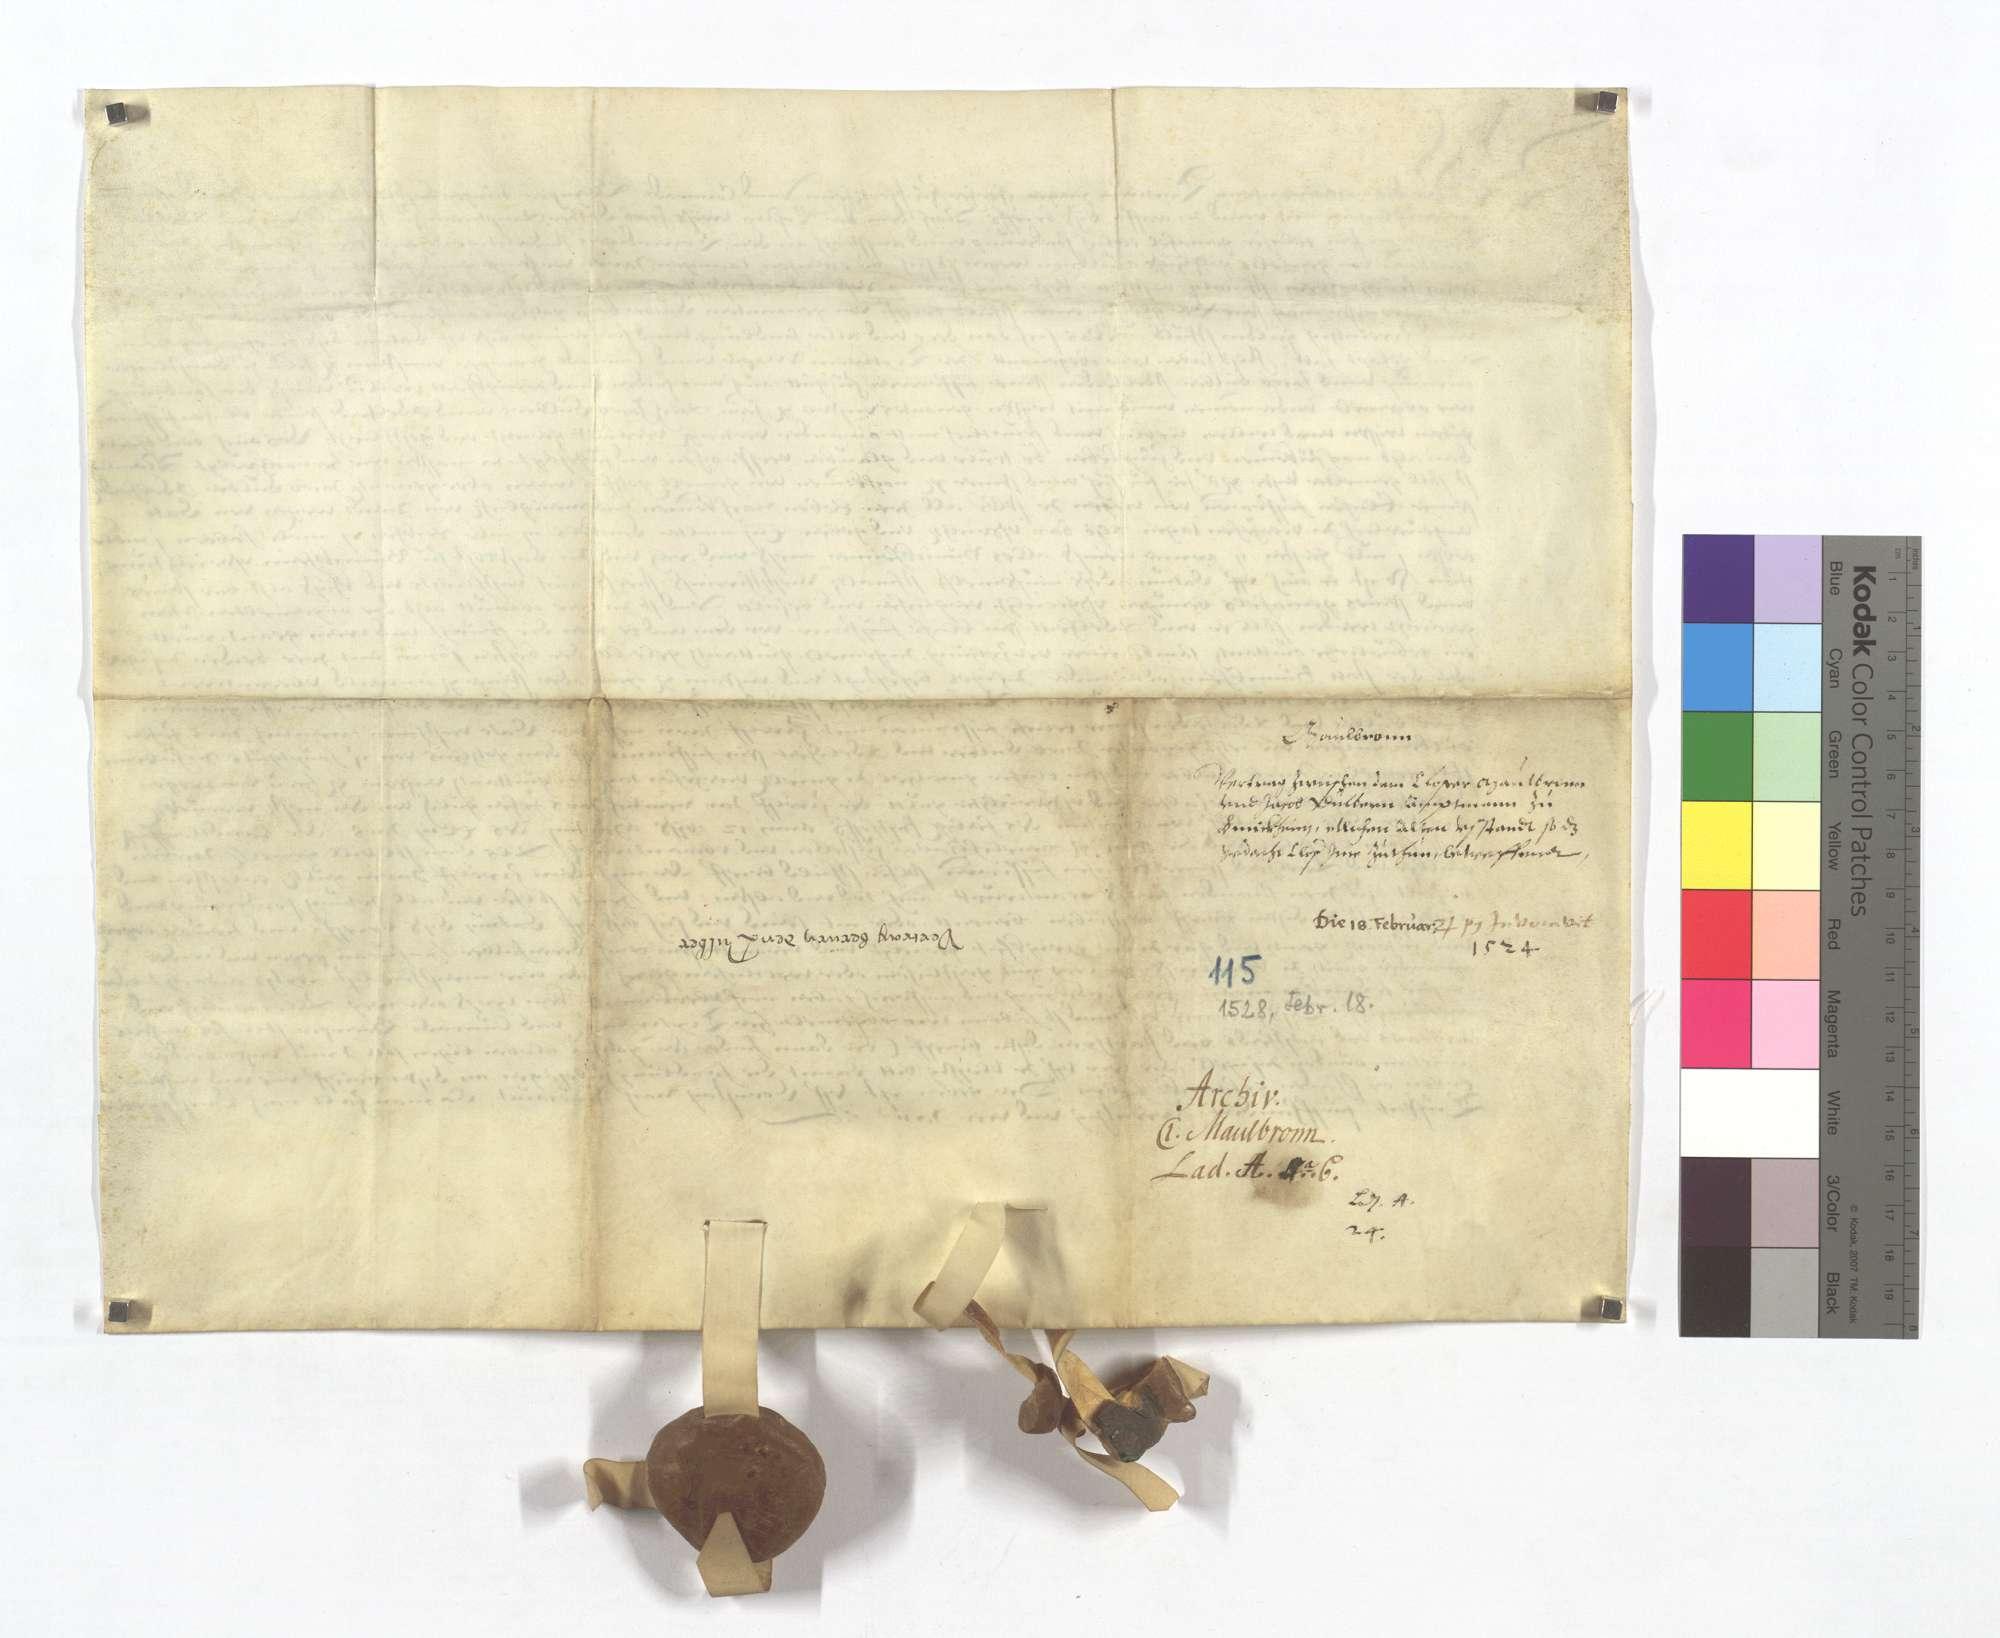 Vertrag zwischen dem Kloster Maulbronn und Jacob Dulber, dem Amtmann zu Bönnigheim, wegen etlicher alter Ausstände, die das Kloster ihm zu tun schuldig sei., Rückseite